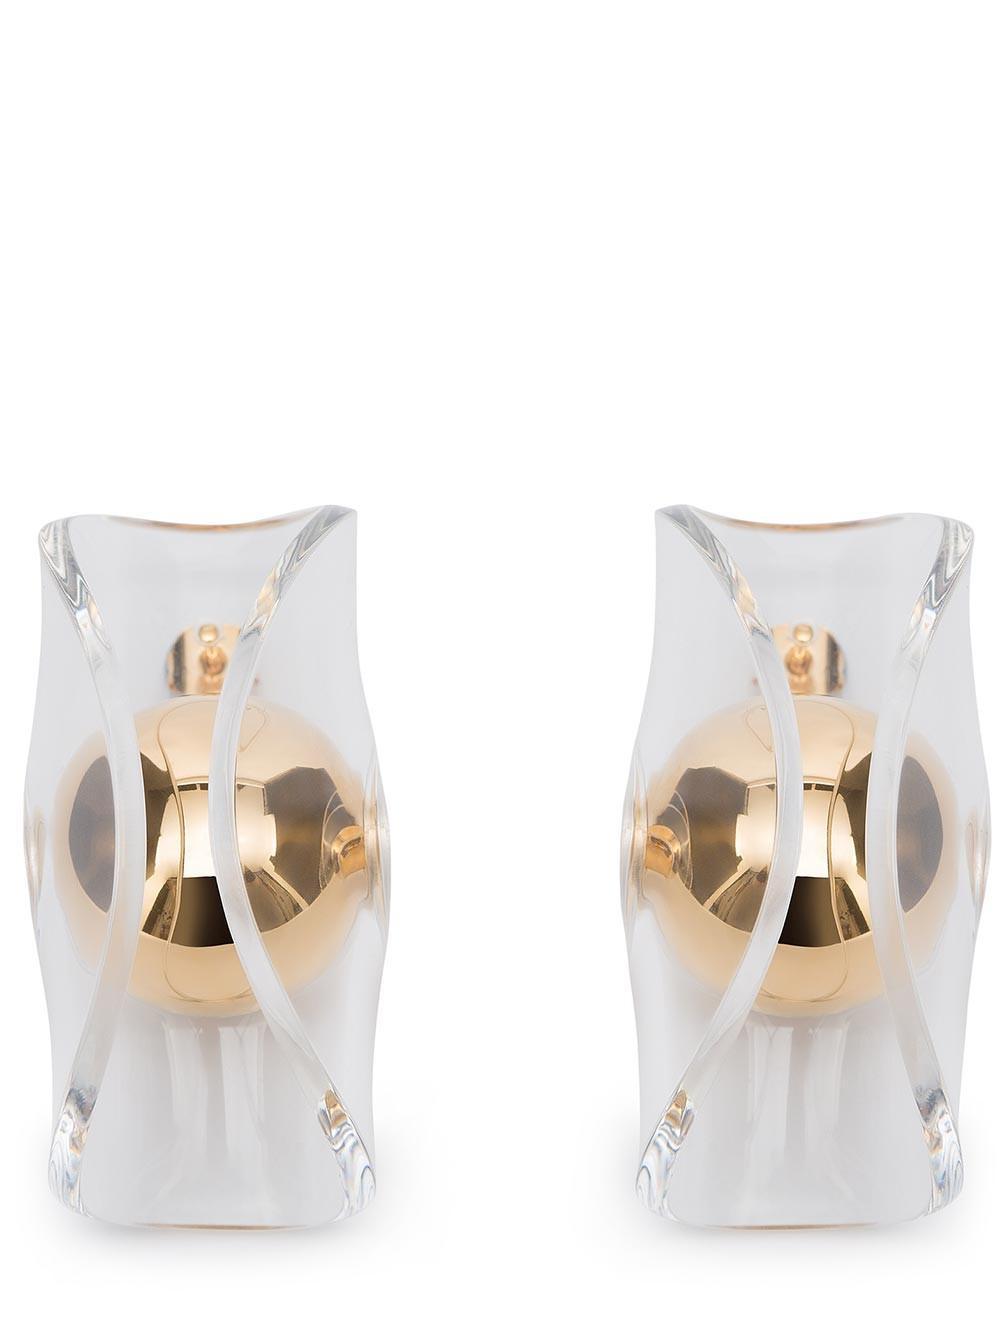 JW Anderson Gold Globe Earring in Metallic